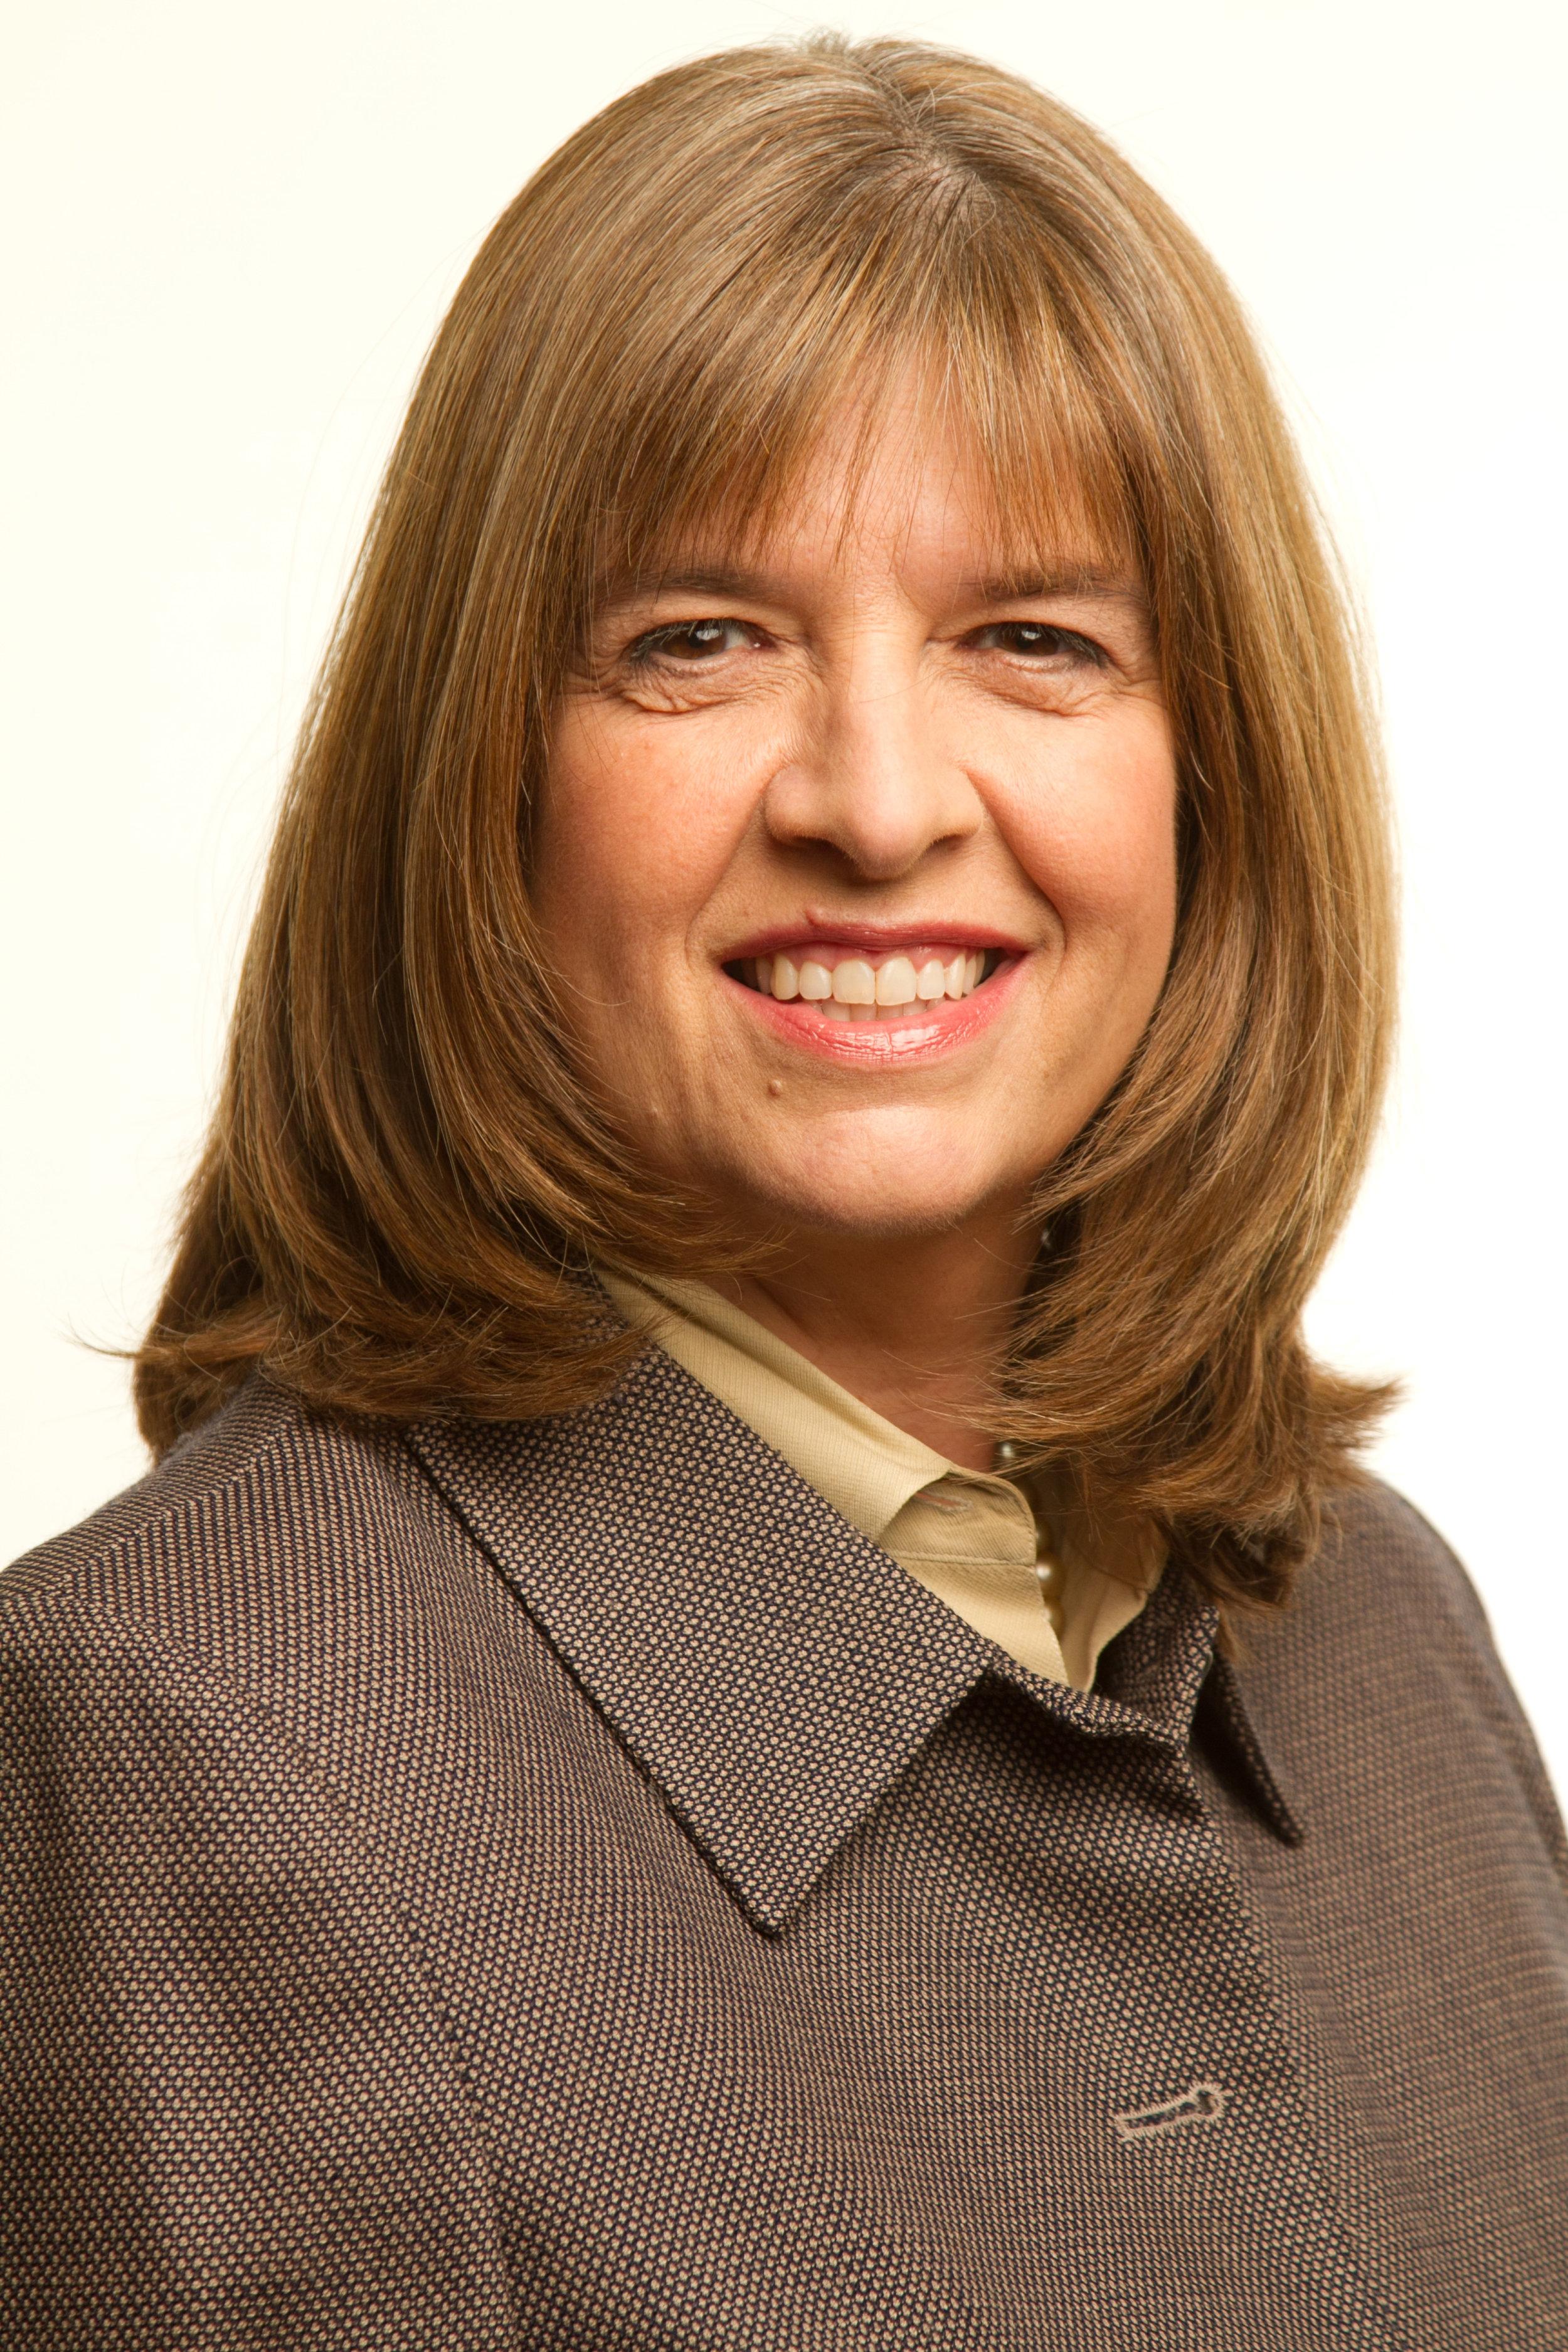 Hannah g. Solomon award  - Sally Lieber, State Assemblymember, Speaker Pro Tempore (Ret.)